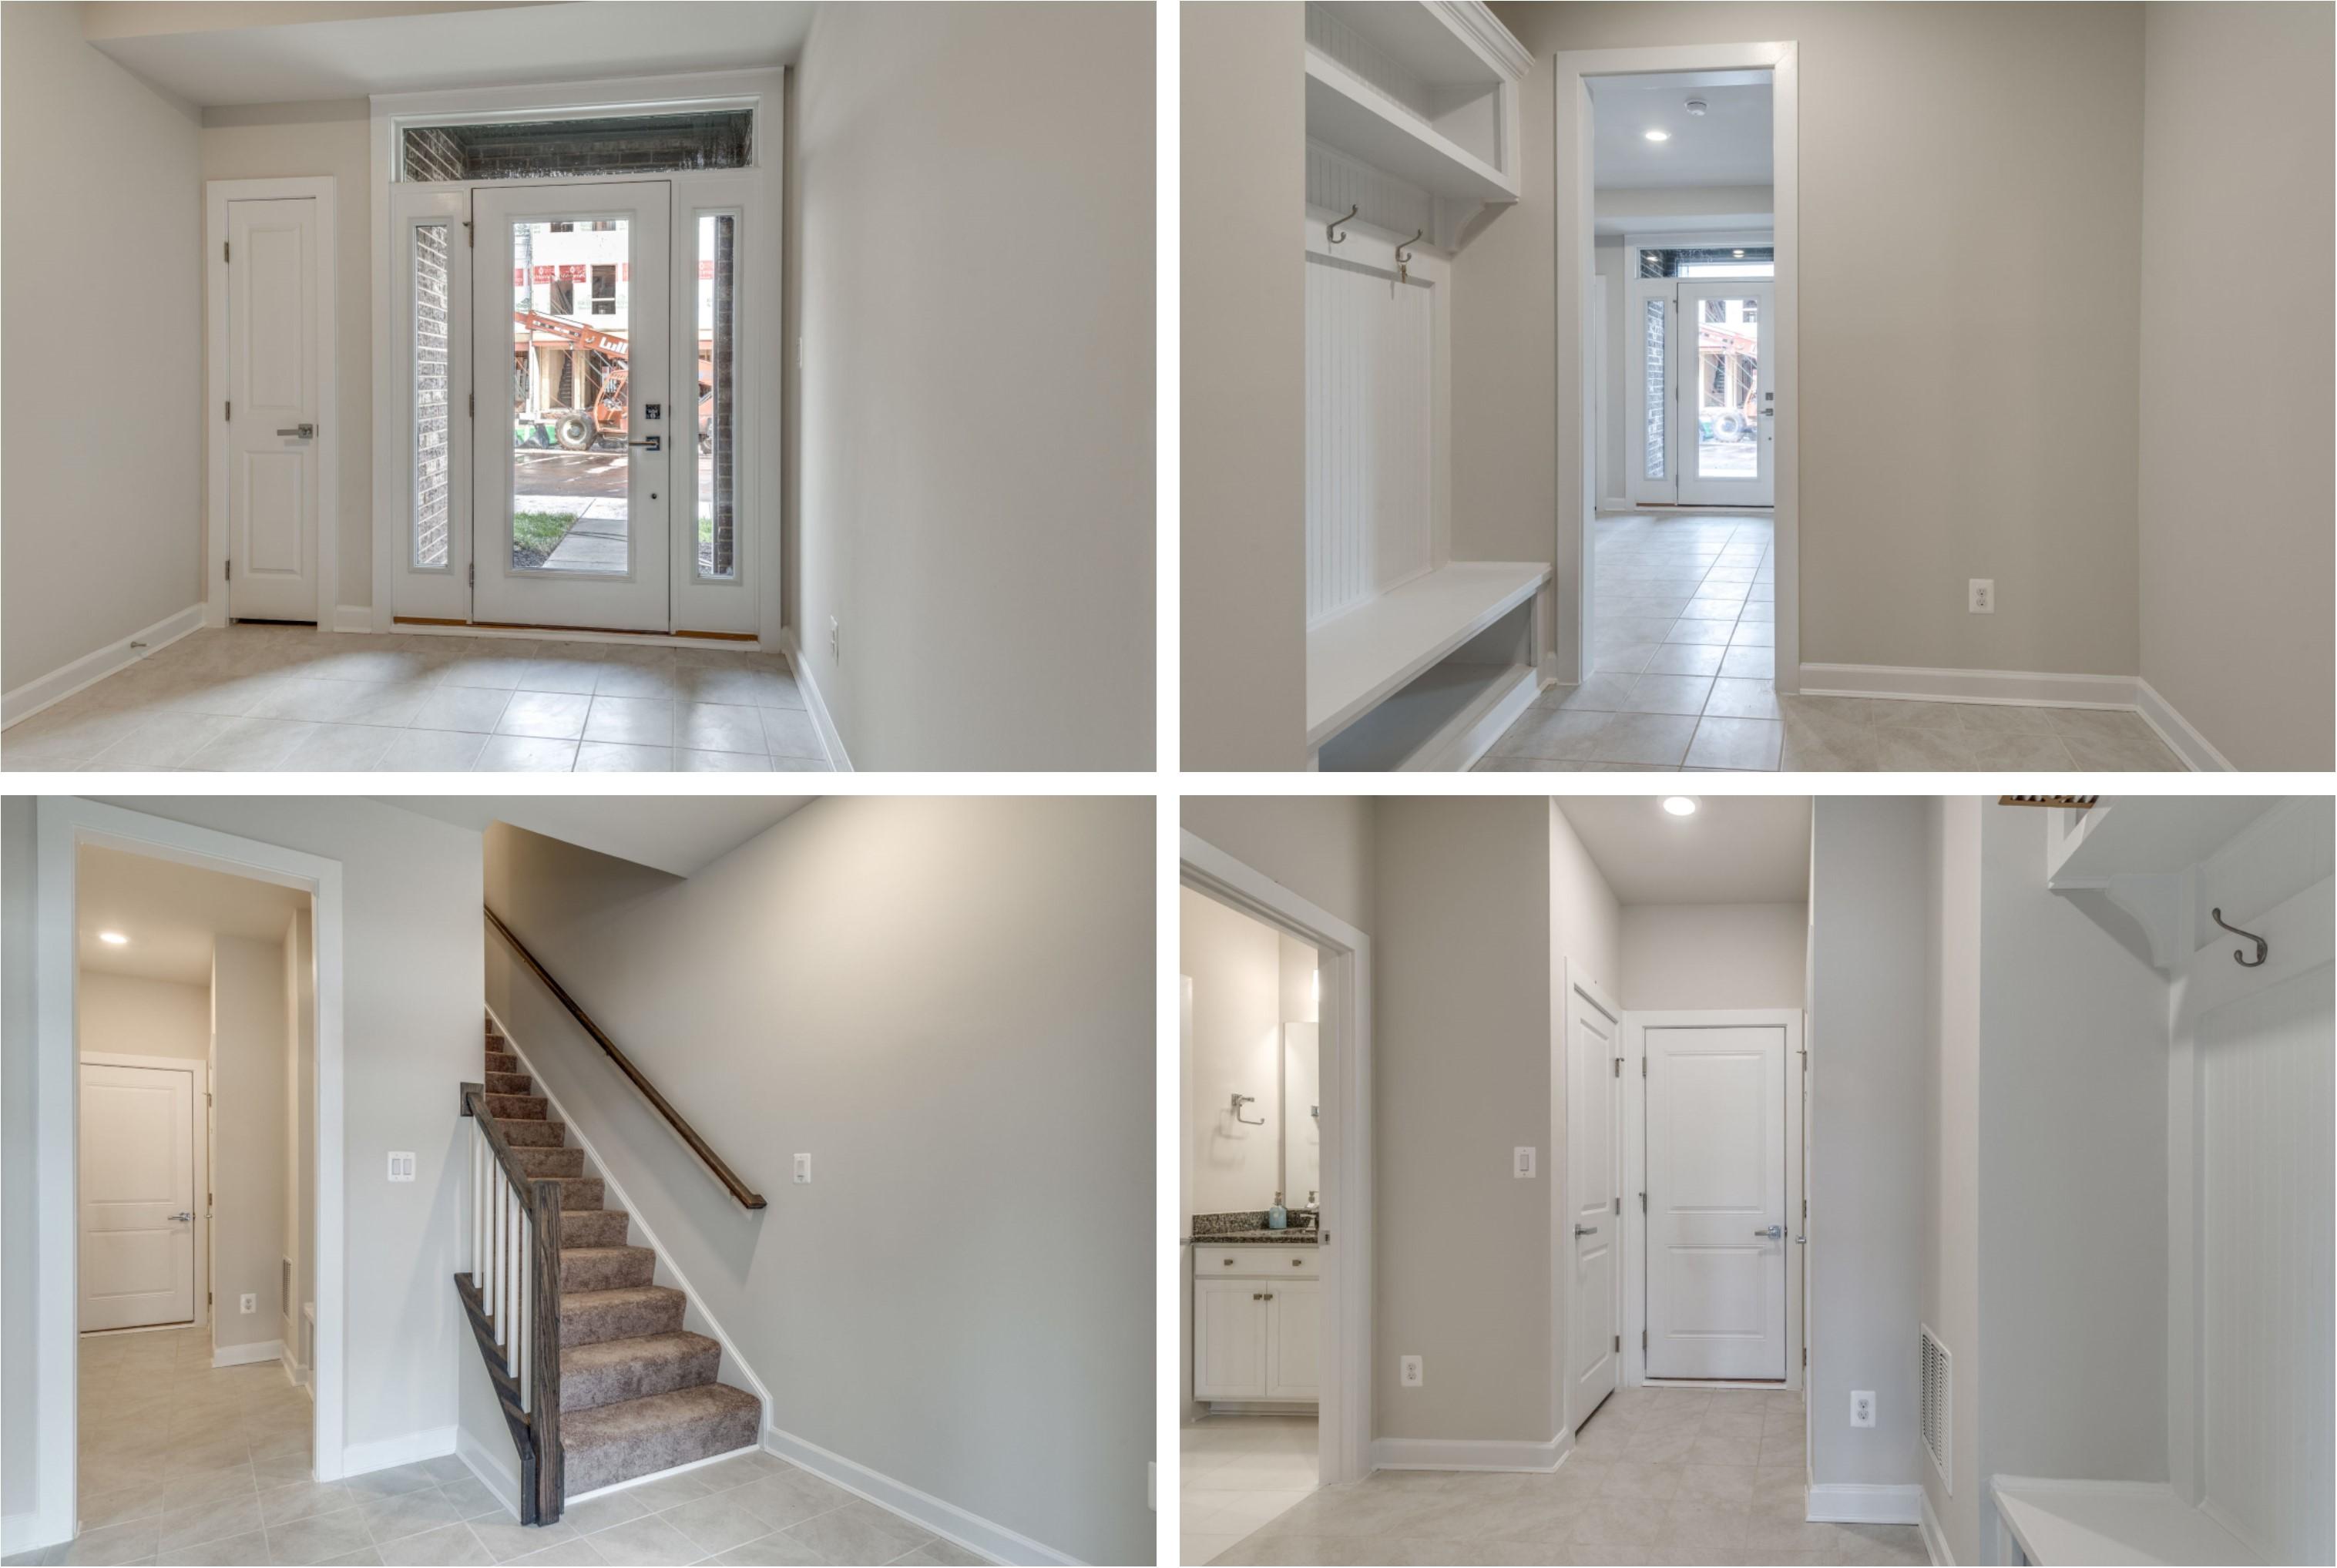 22299 Cornerstone Crossing Terrace- Entry level foyer